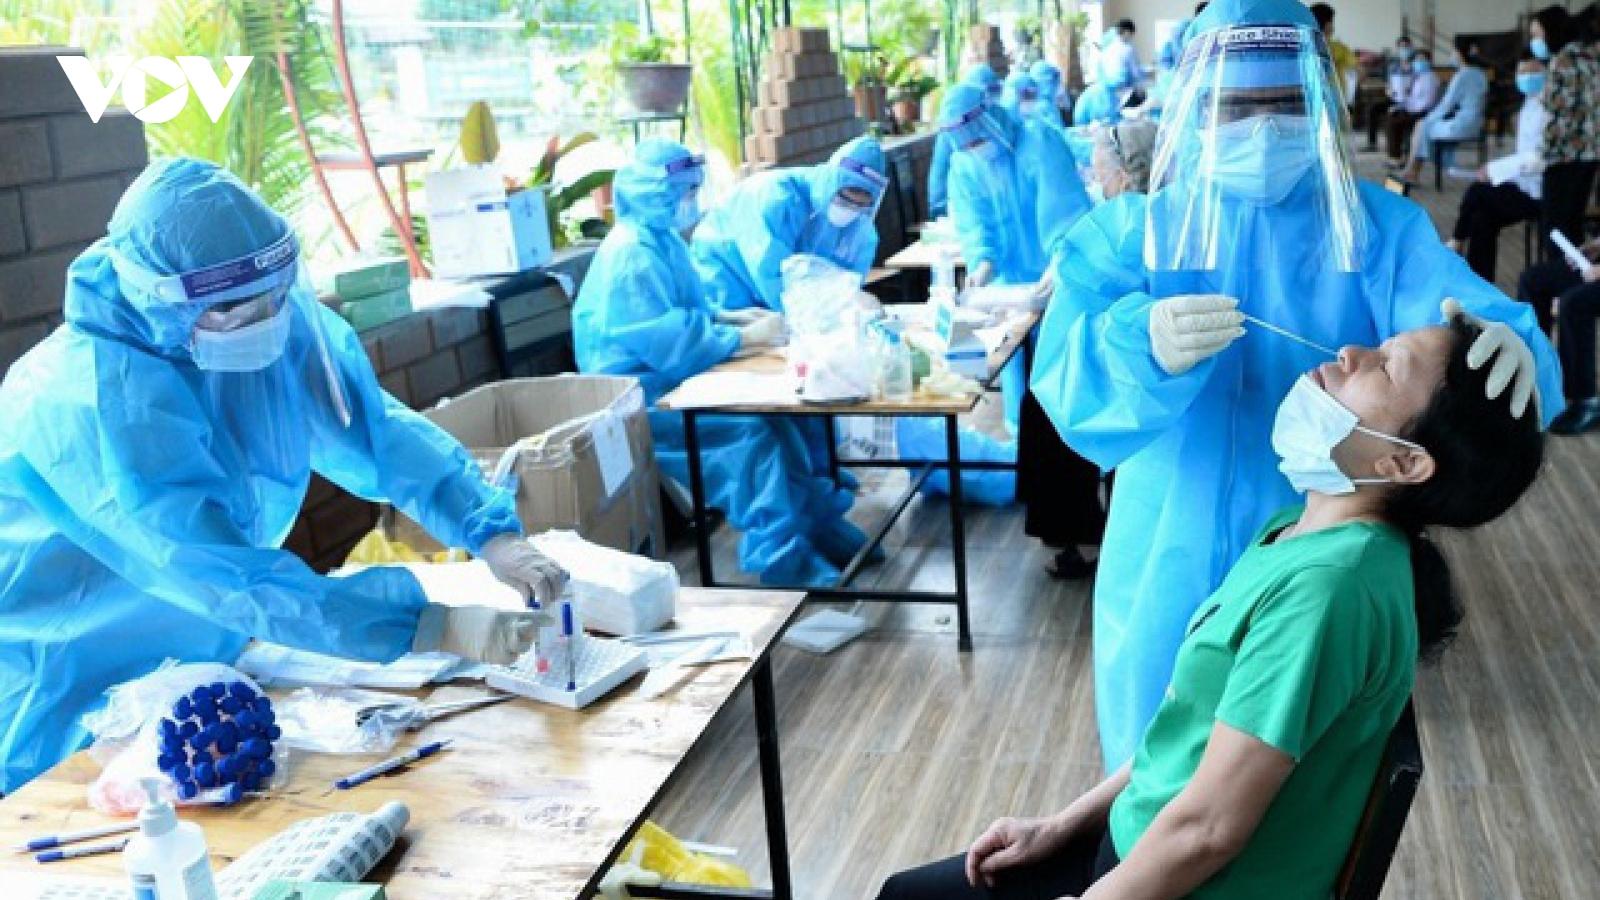 Sáng 31/5, thêm 61 ca mắc COVID-19 mới ở Bắc Giang, Hà Nội, Lạng Sơn